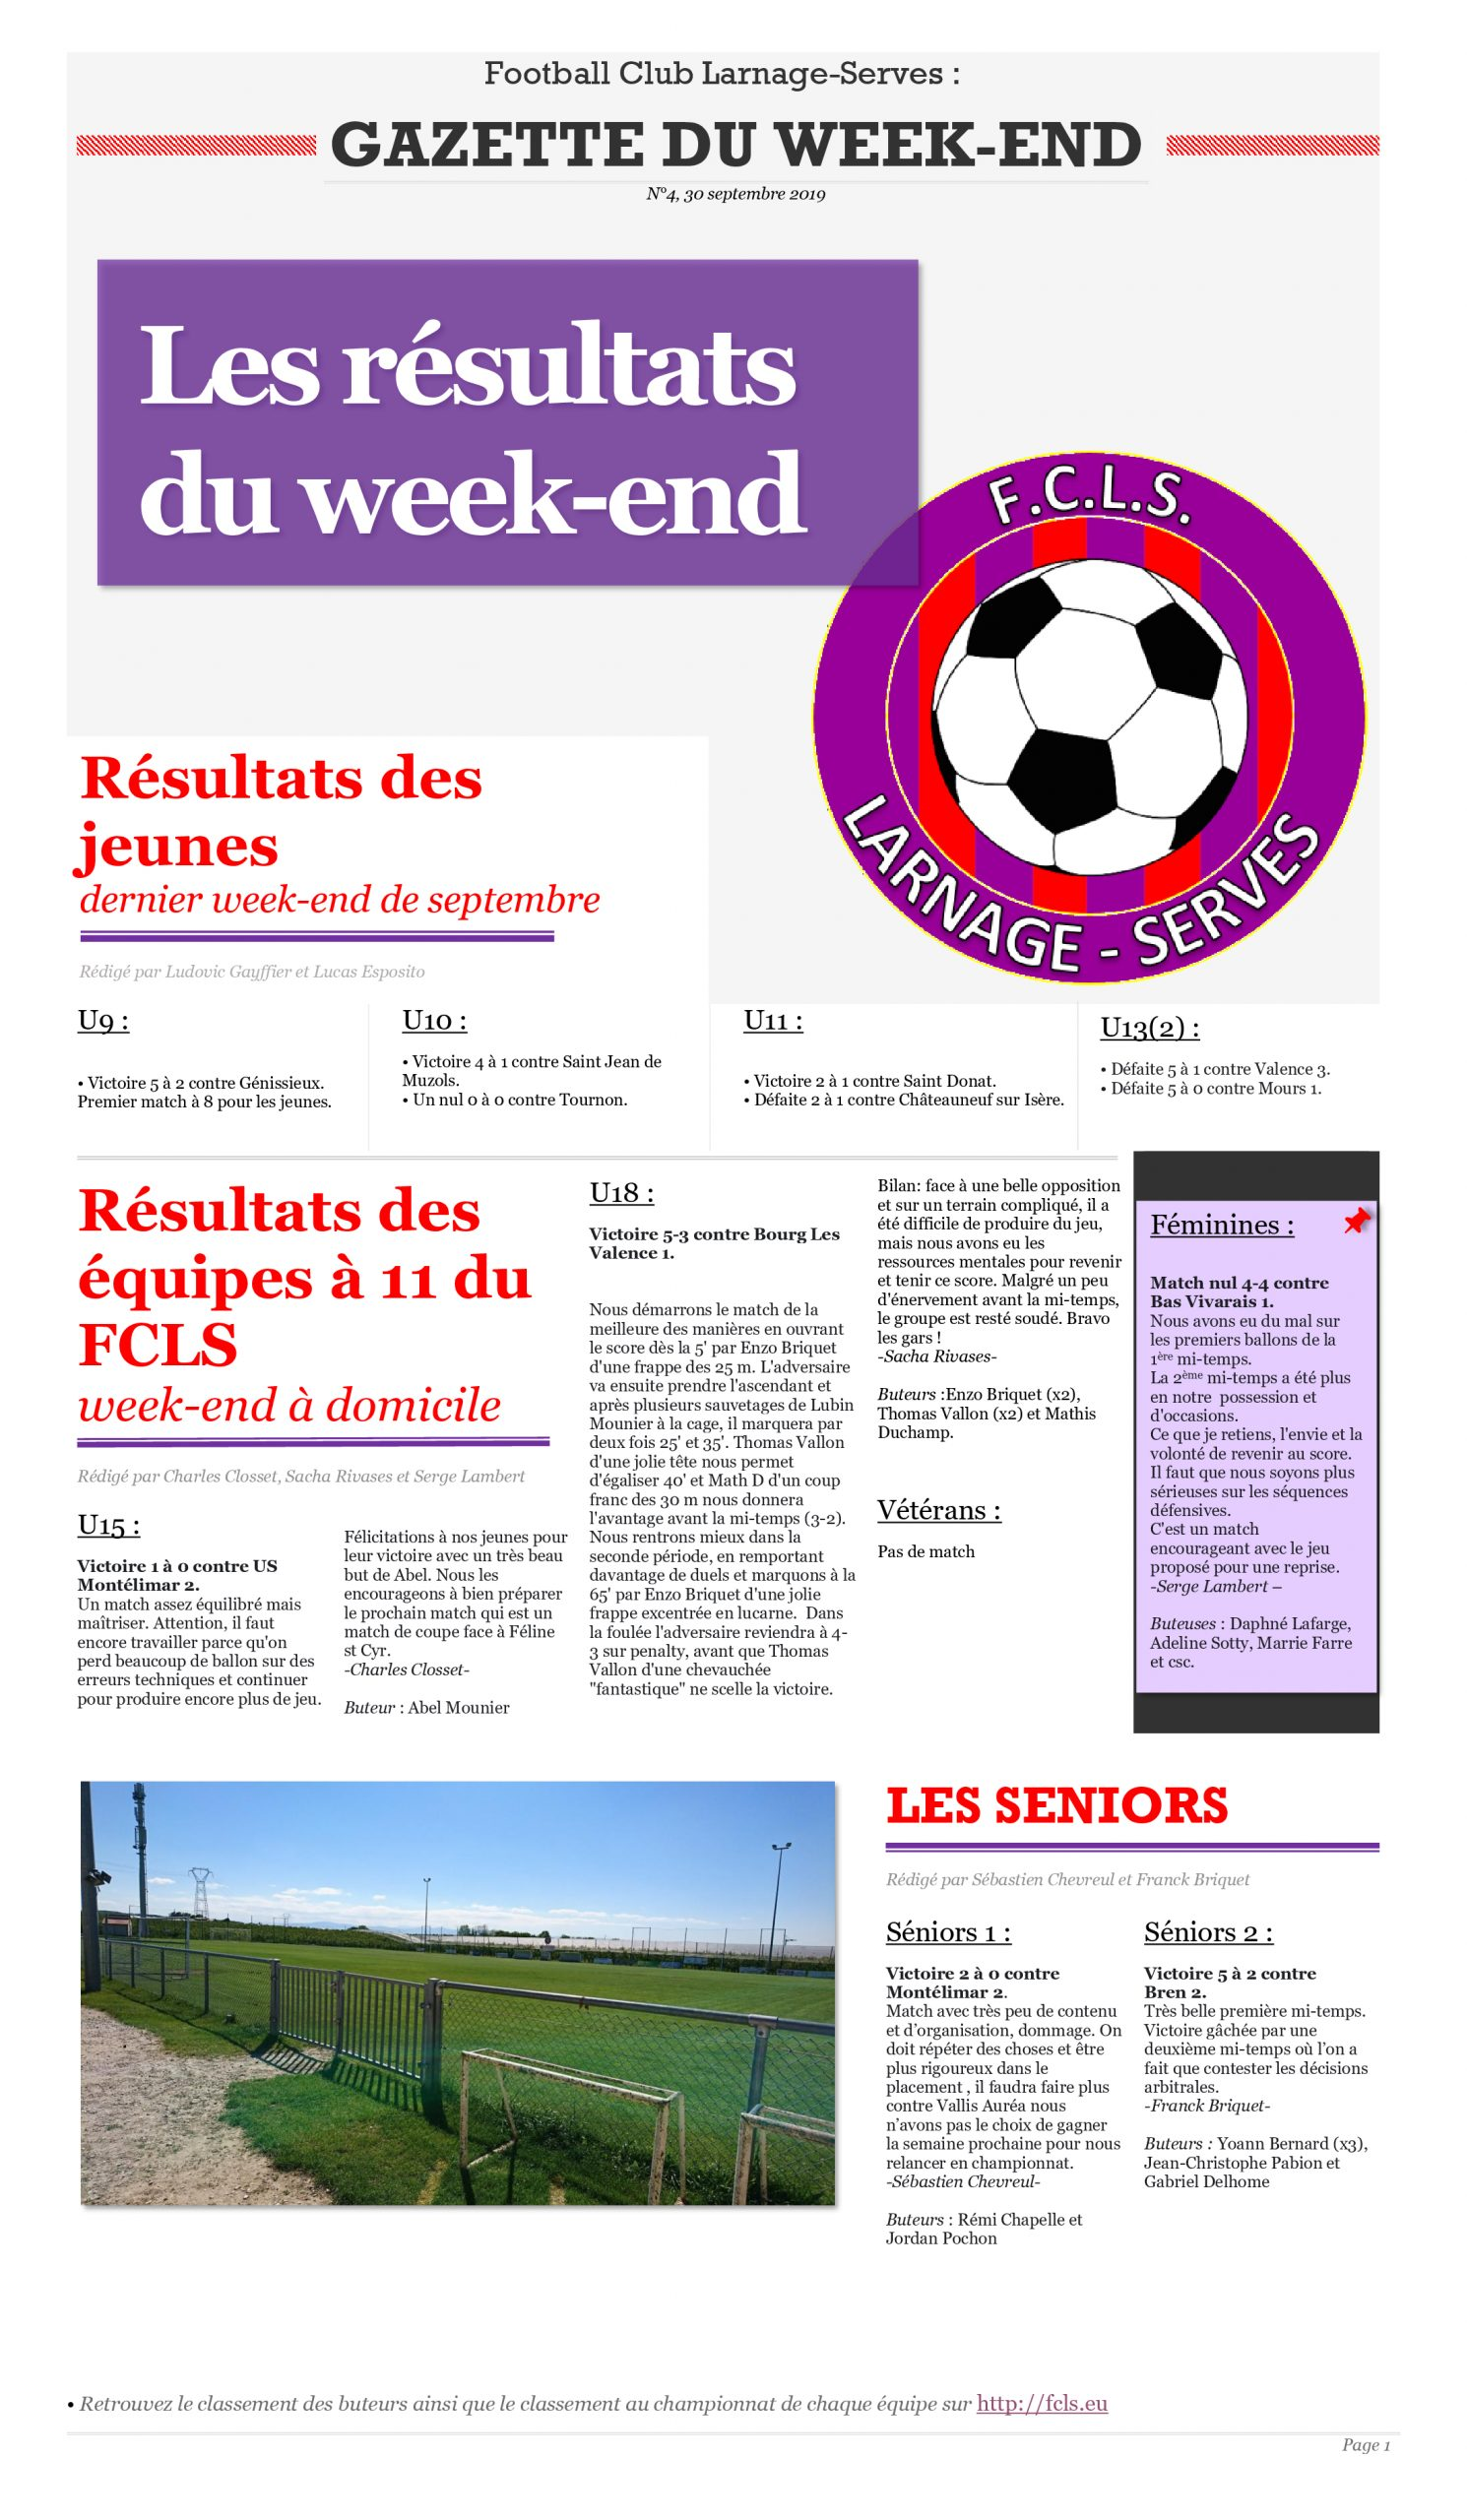 Gazette-du-week-end-fcls-1